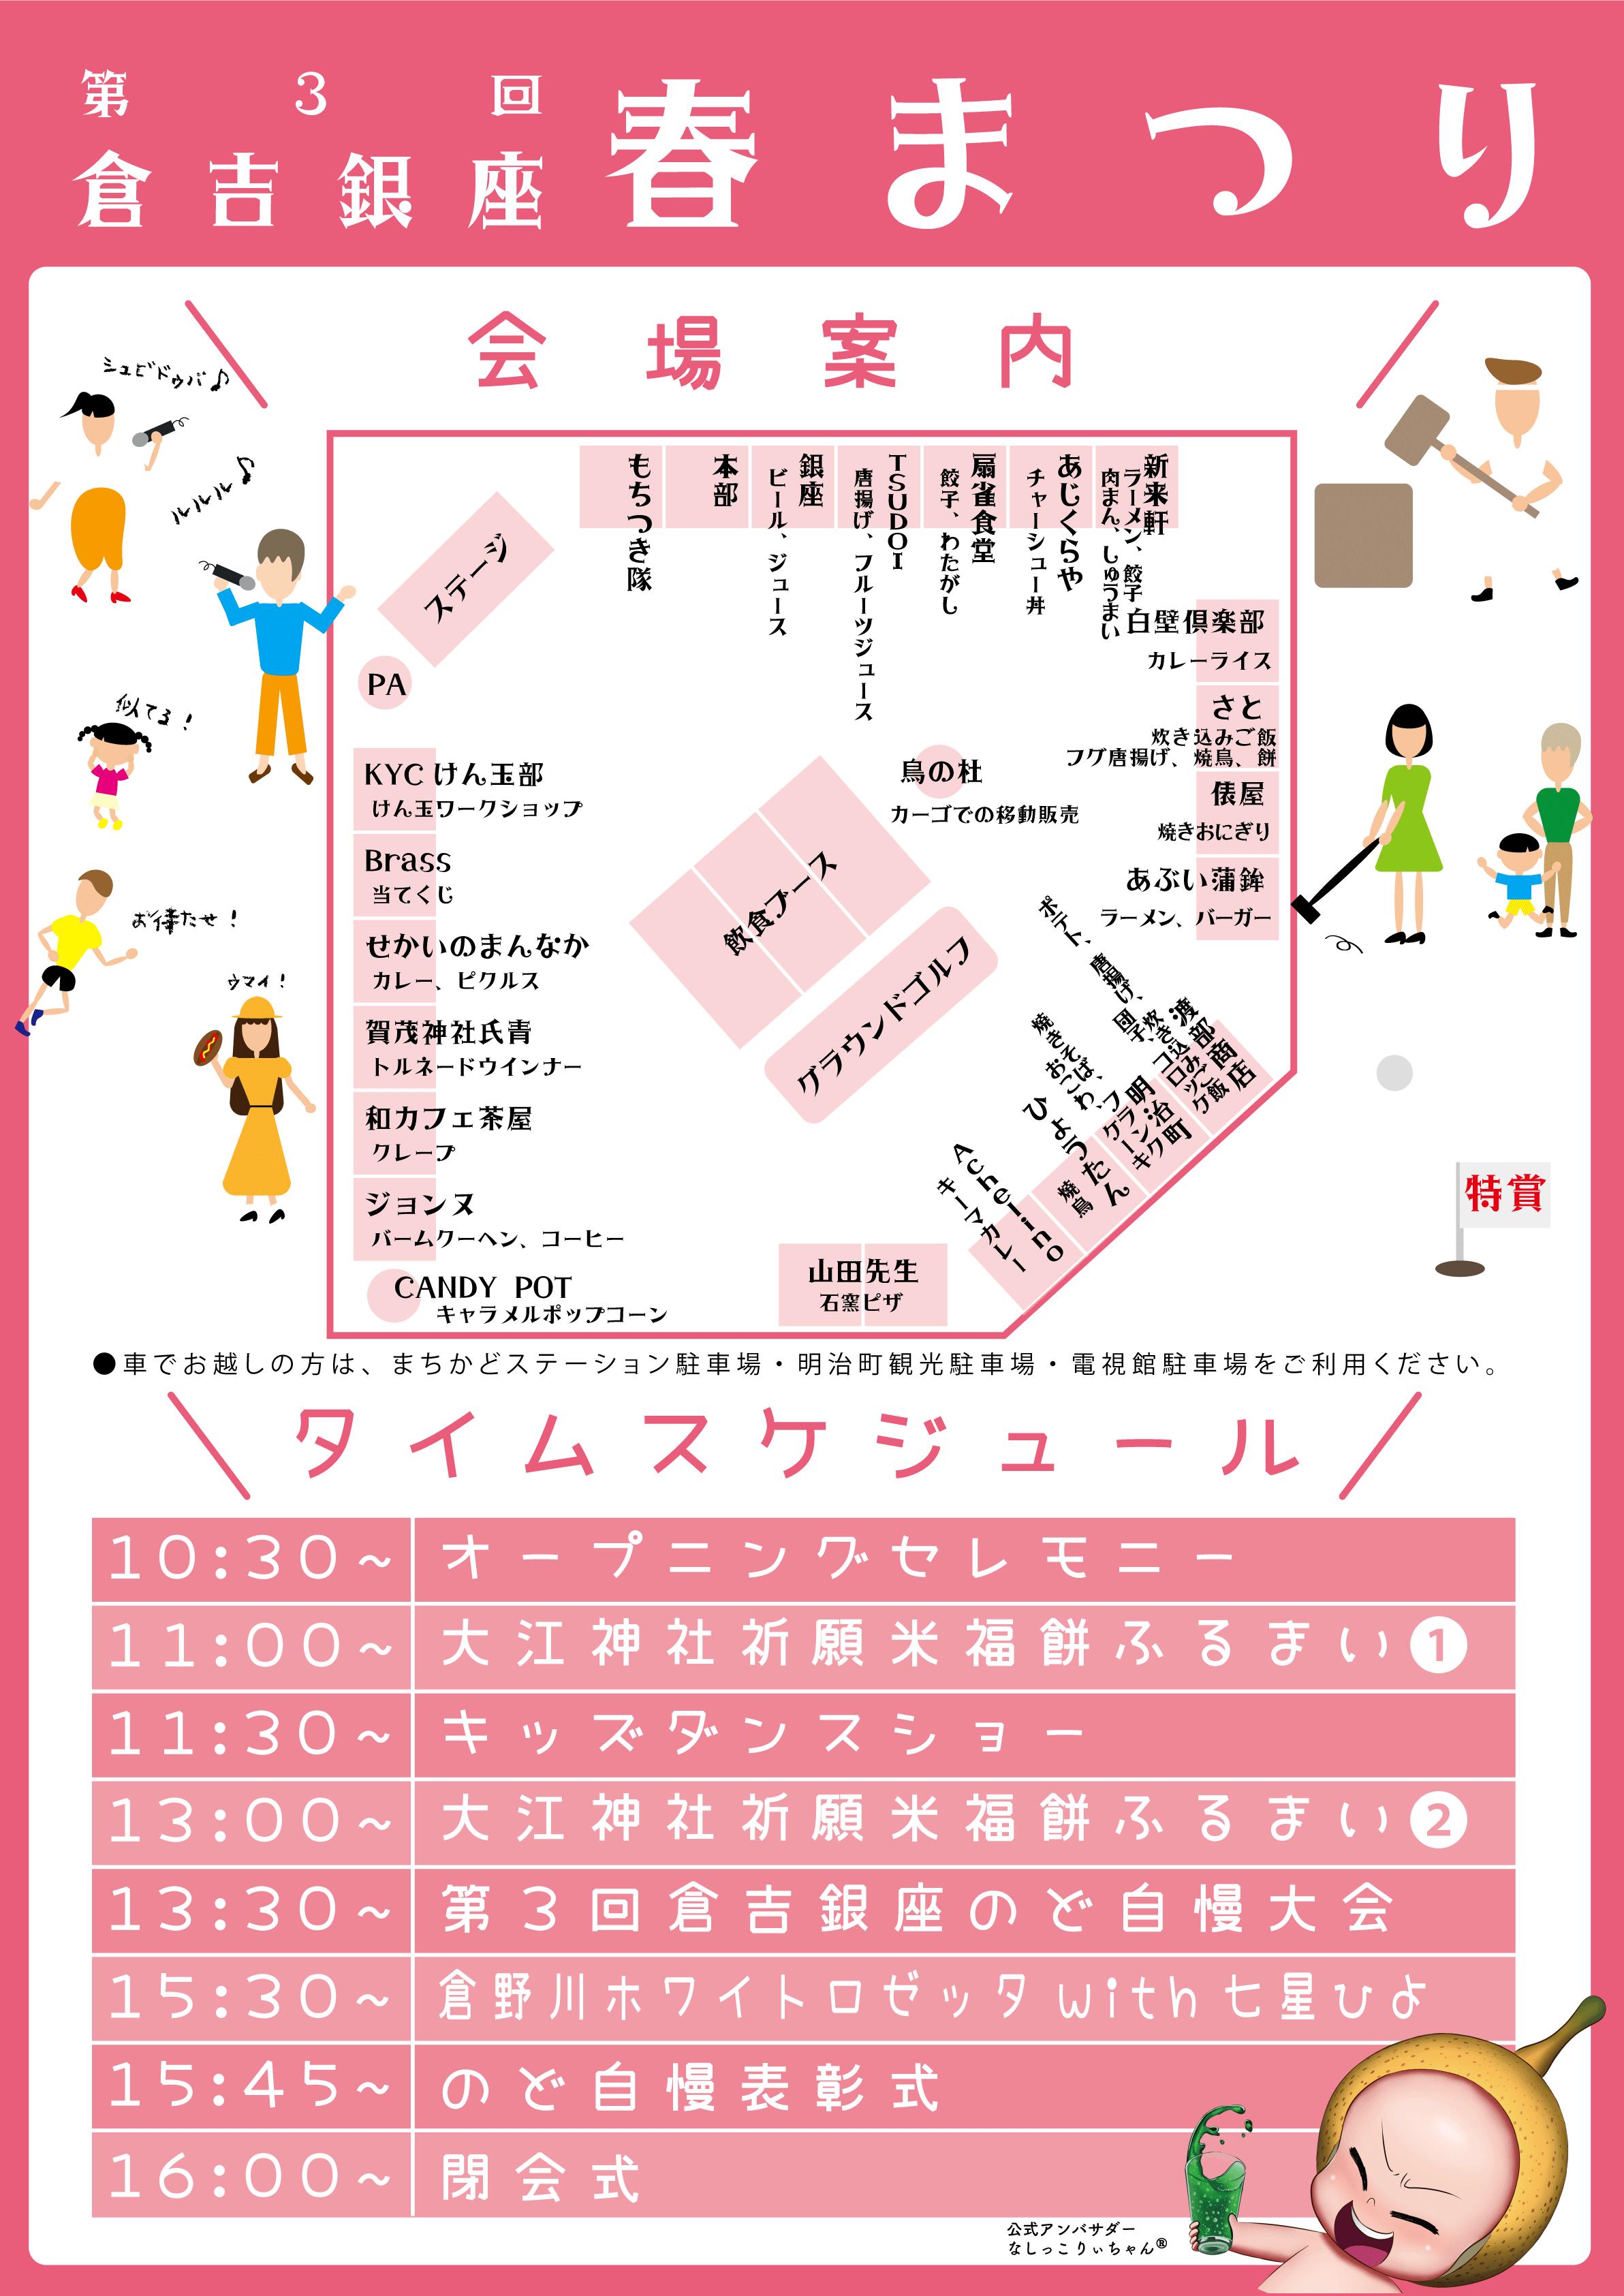 倉吉銀座春まつり会場MAP